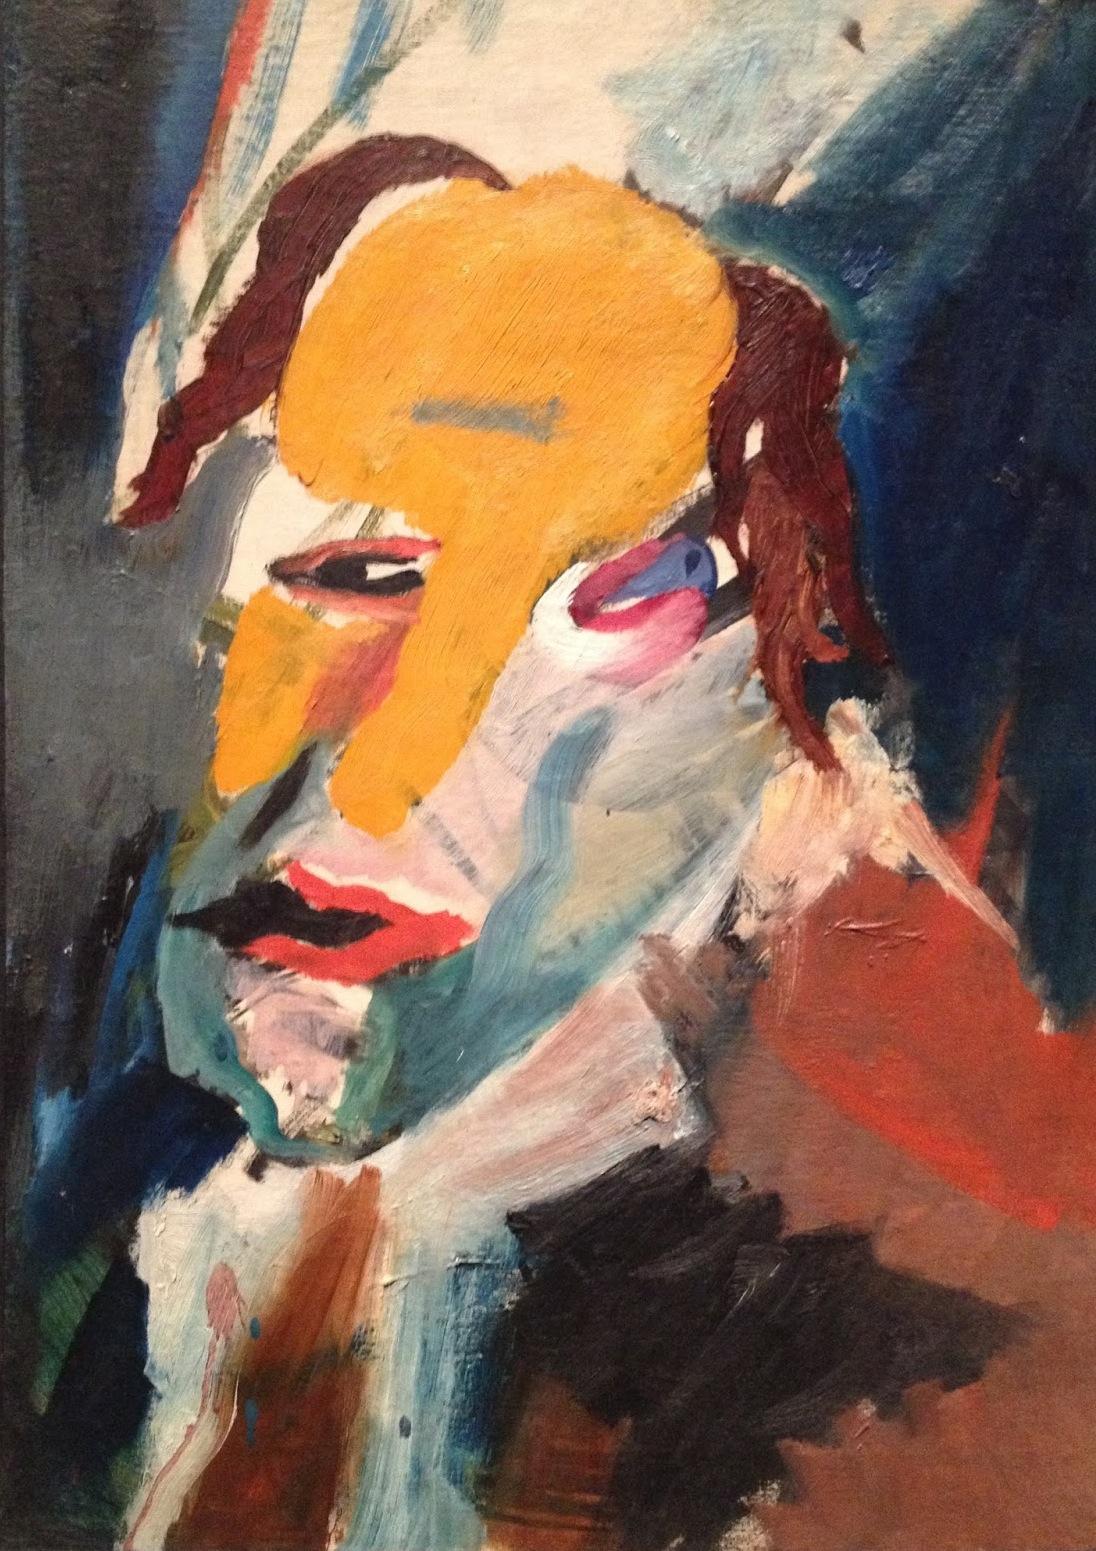 Hans Richter Visionary Portraits Painters Table